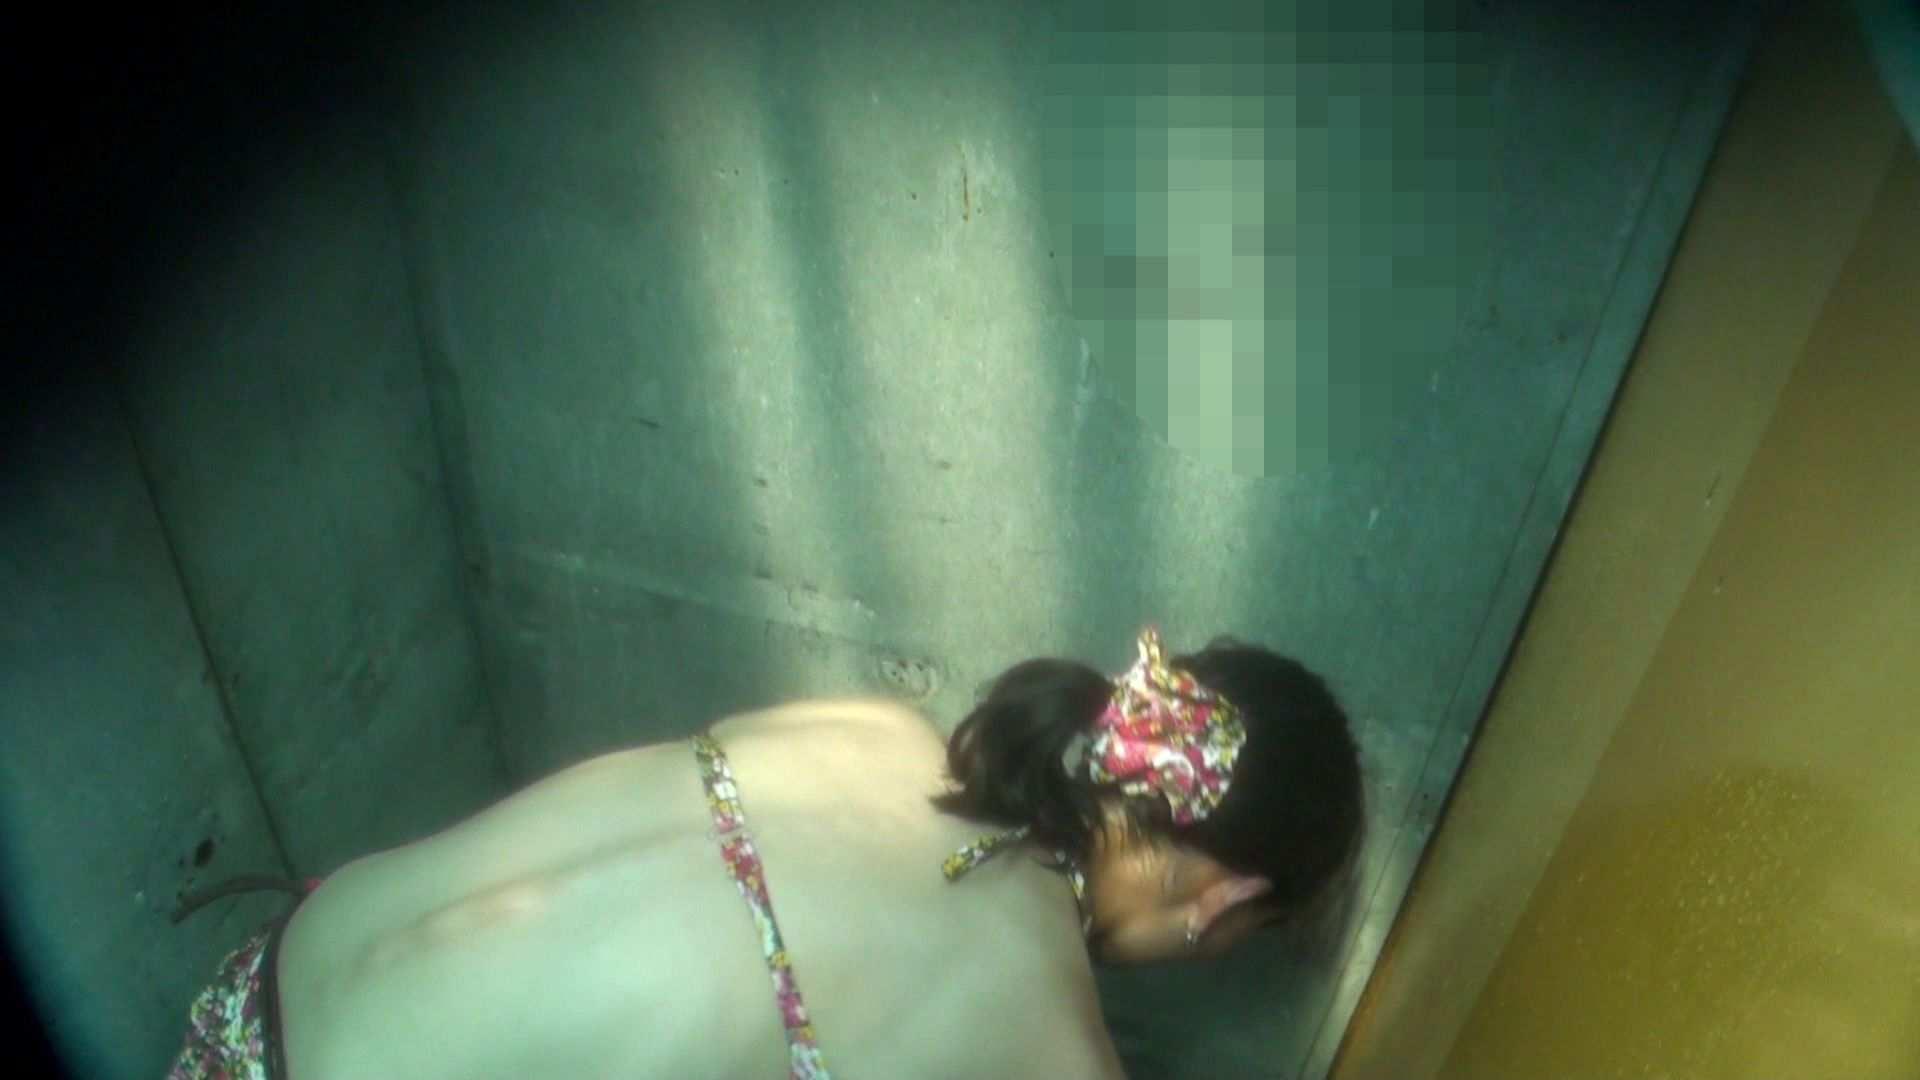 シャワールームは超!!危険な香りVol.16 意外に乳首は年増のそれ 高画質 えろ無修正画像 97pic 93